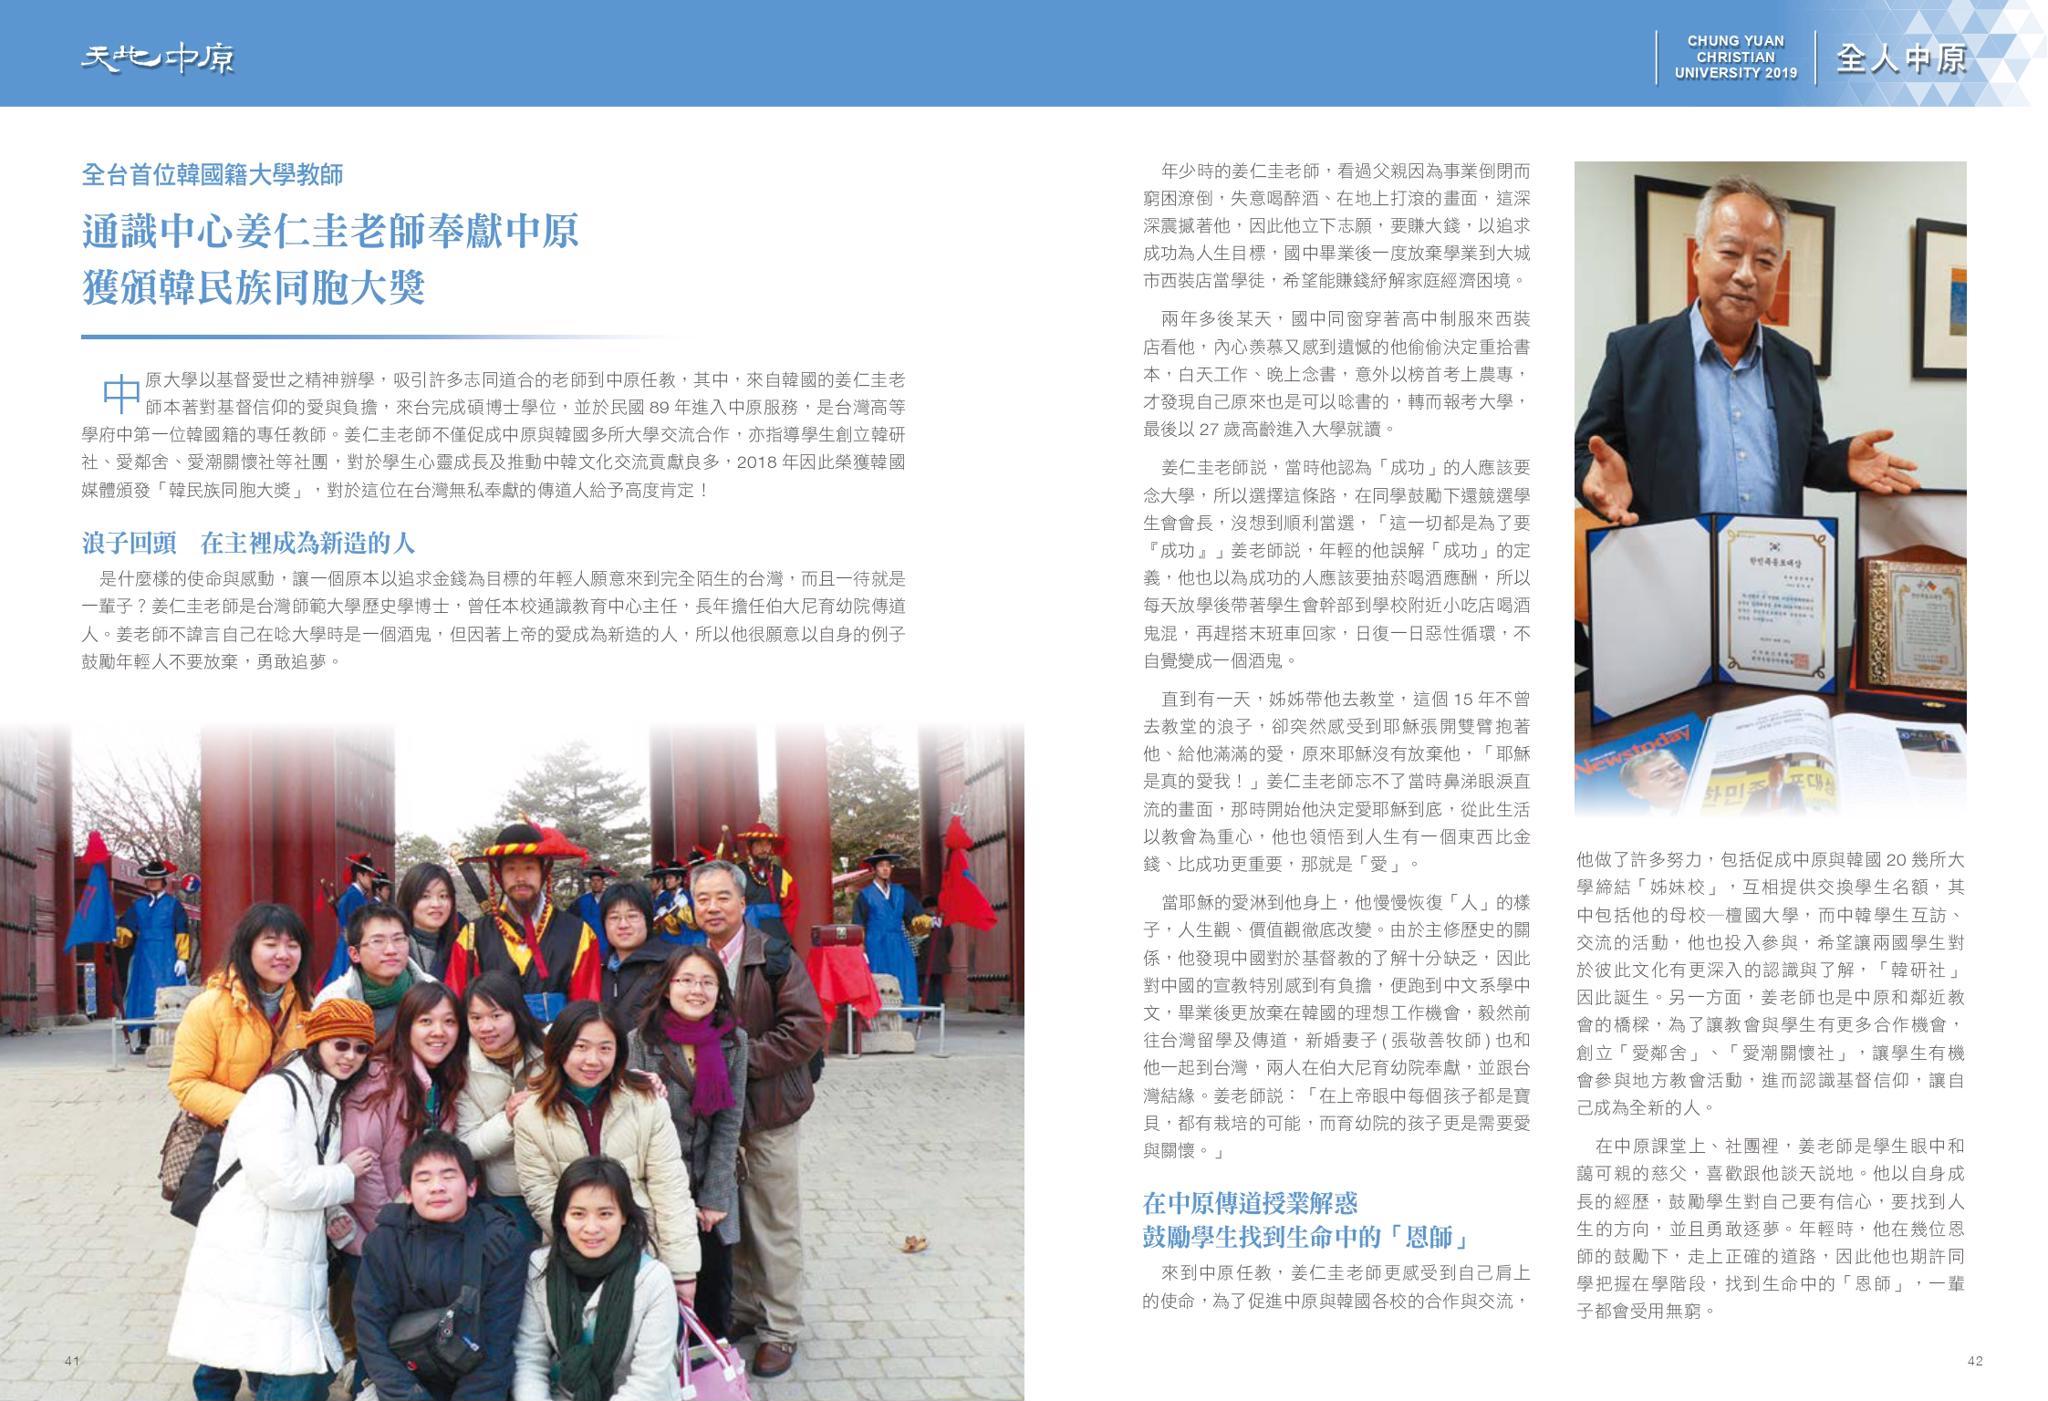 通識中心姜仁圭老師奉獻中原   獲頒韓民族大獎